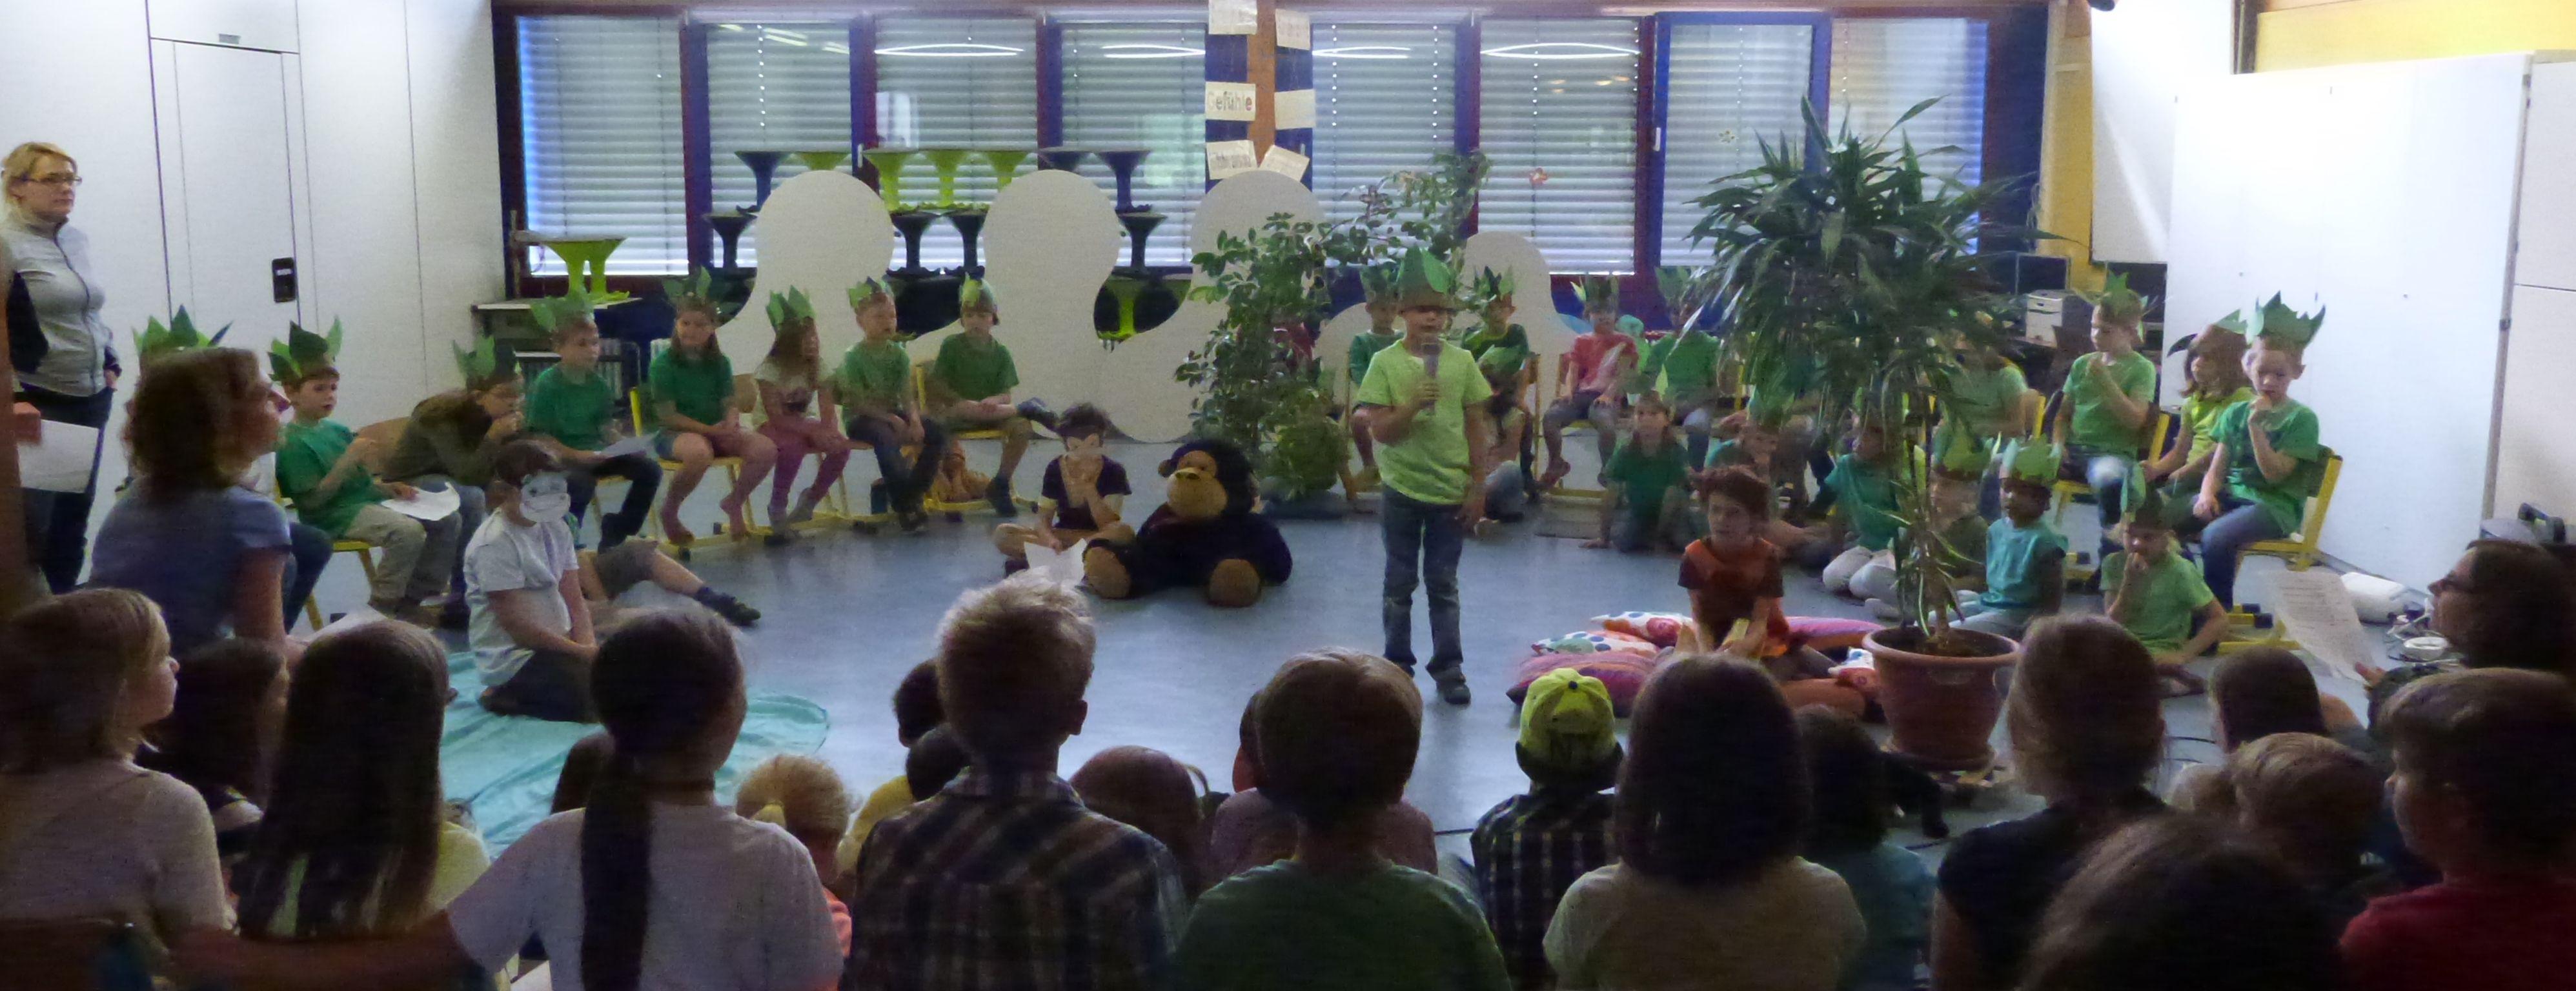 2016.07.15. Schulversammlung 01